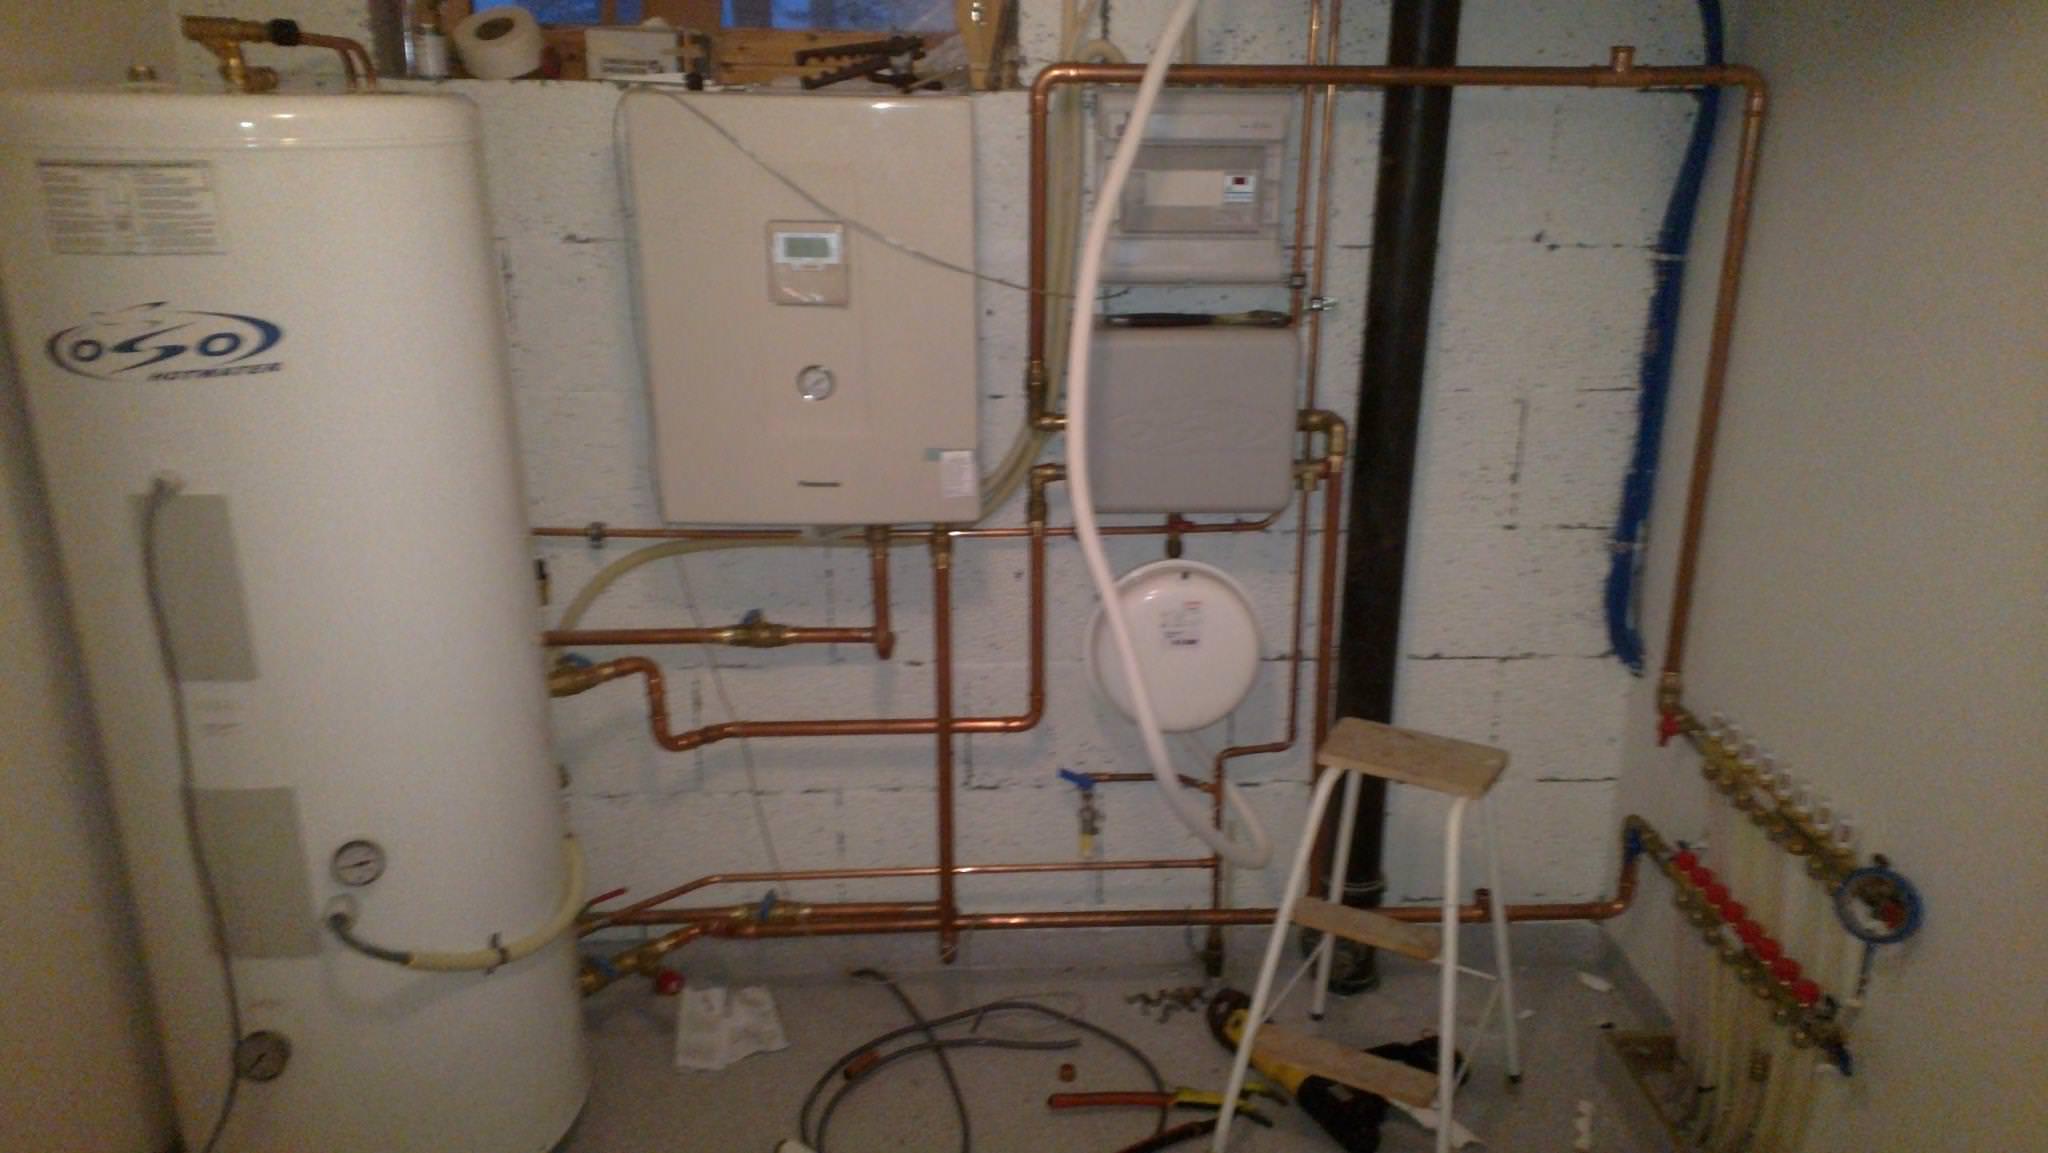 røropplegg både til gulvvarme og tappevann , dette opplegget er for luft: vann.jpg